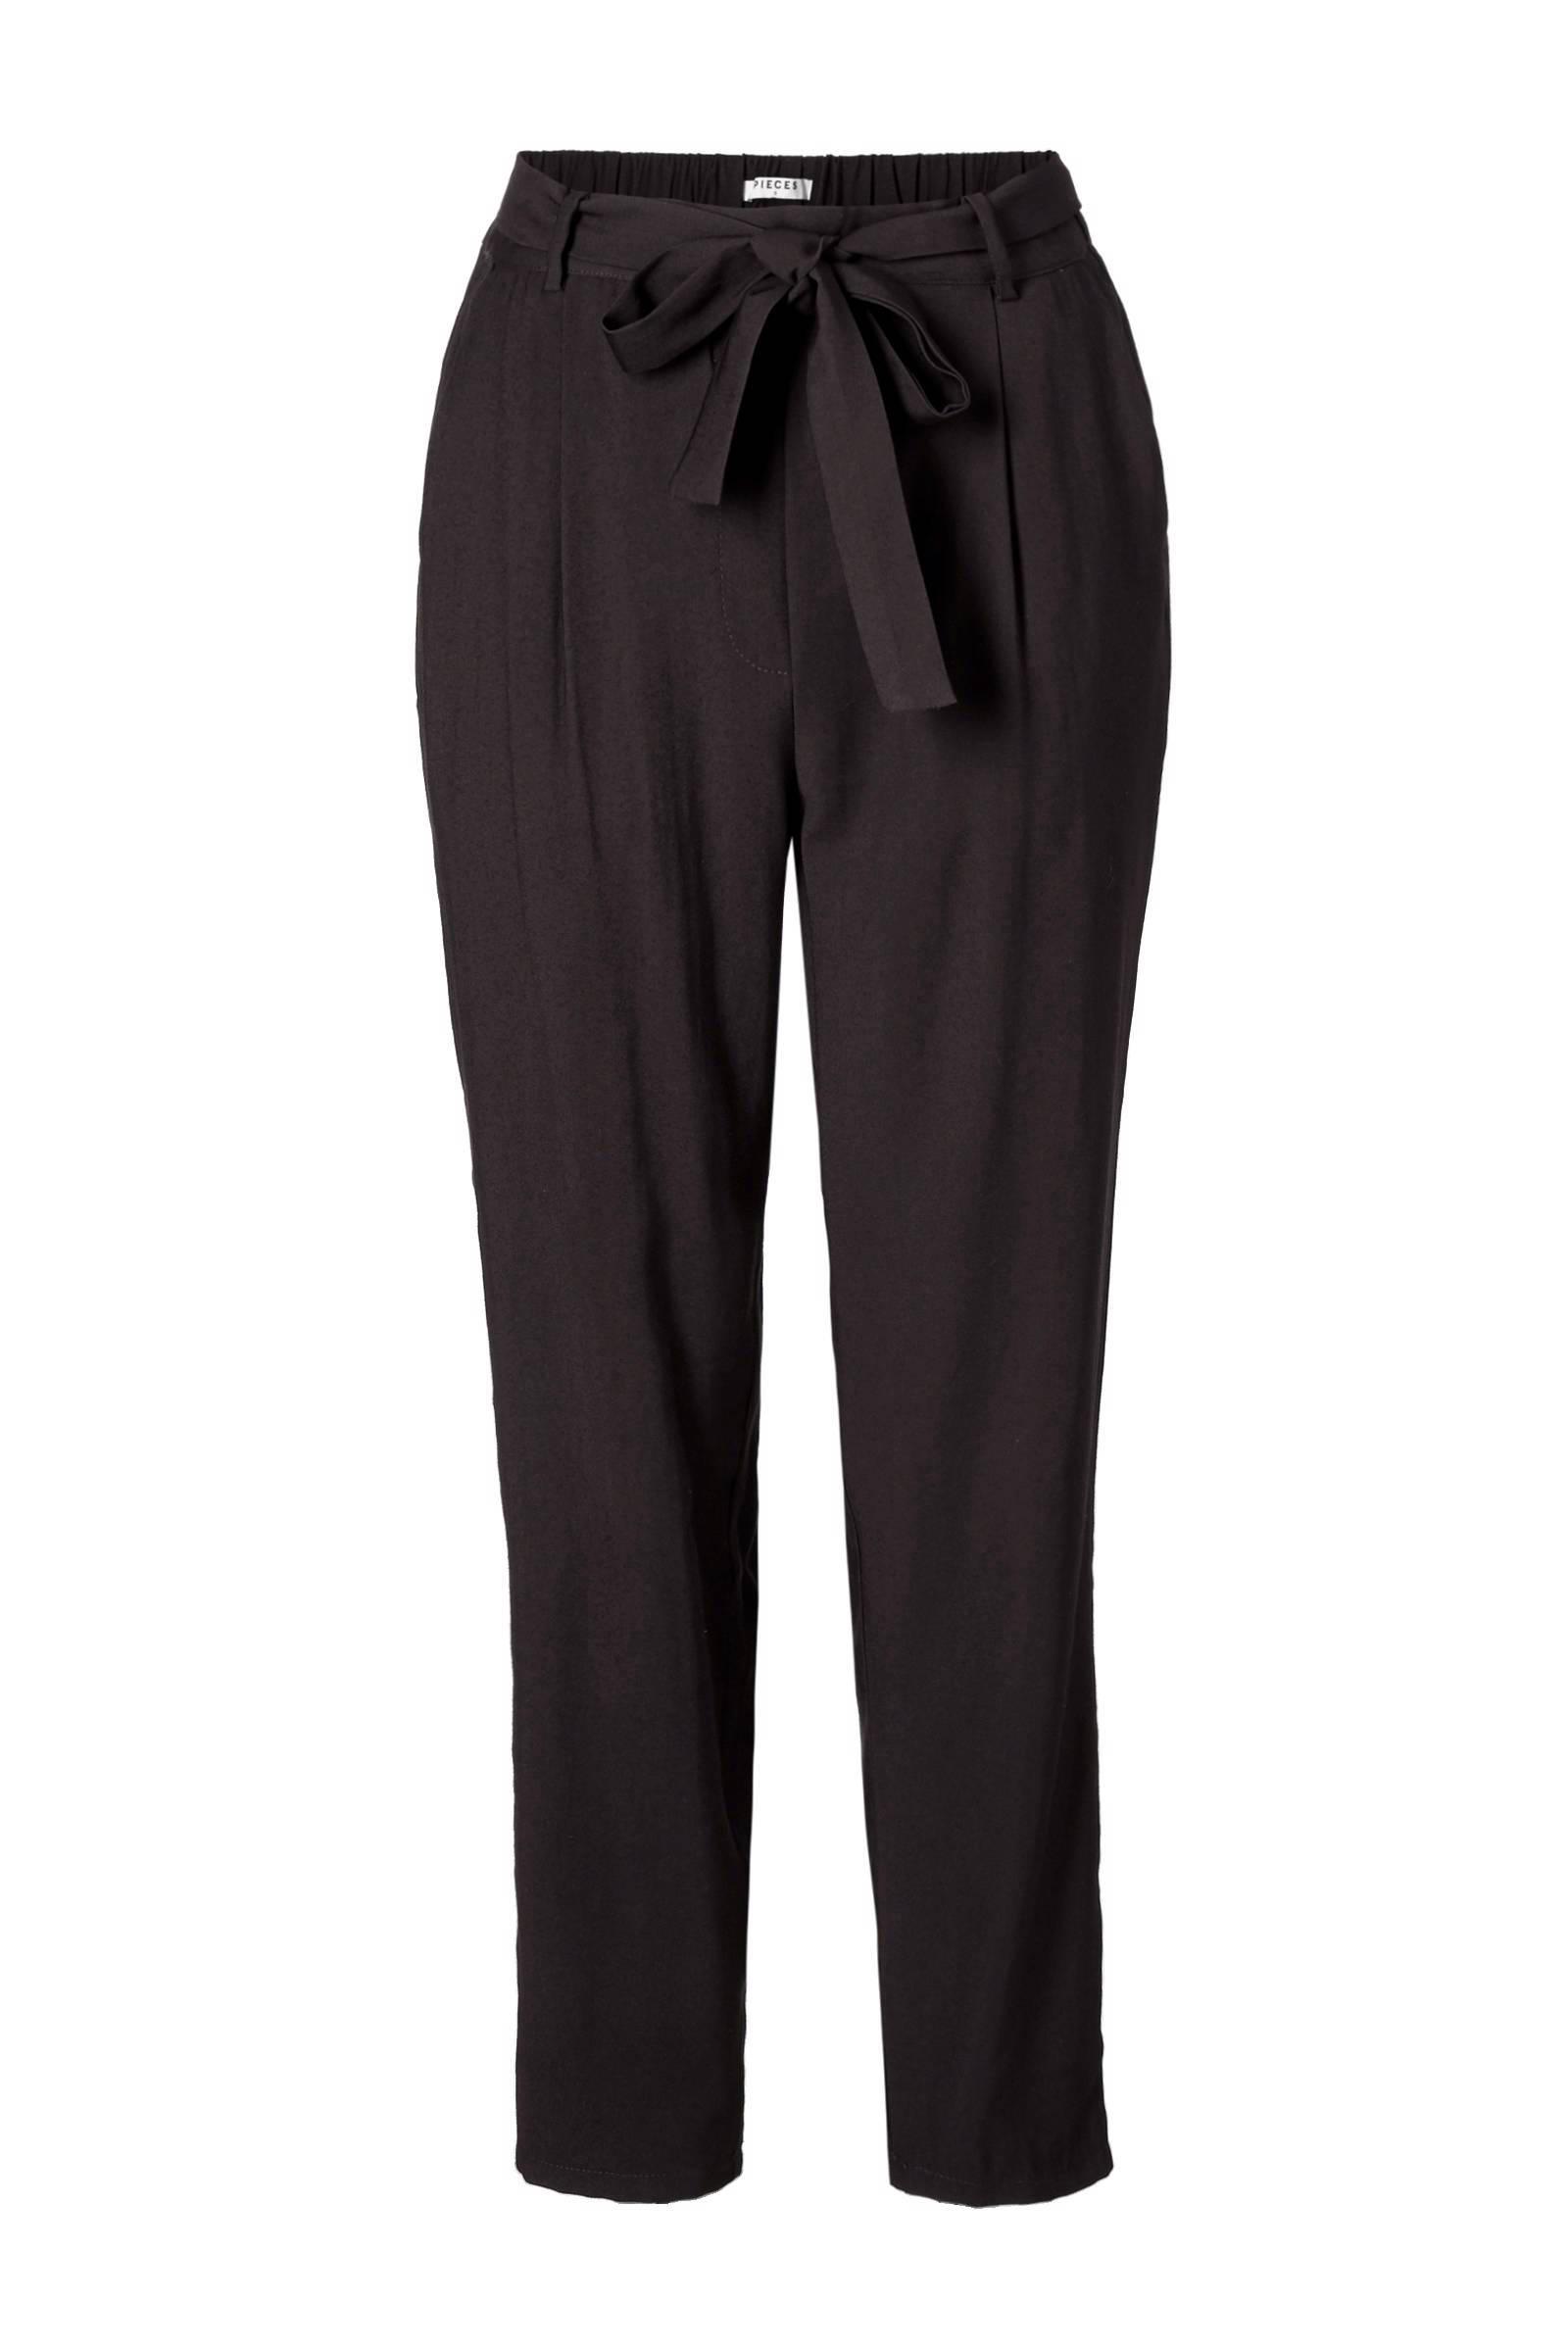 high waist broek zwart